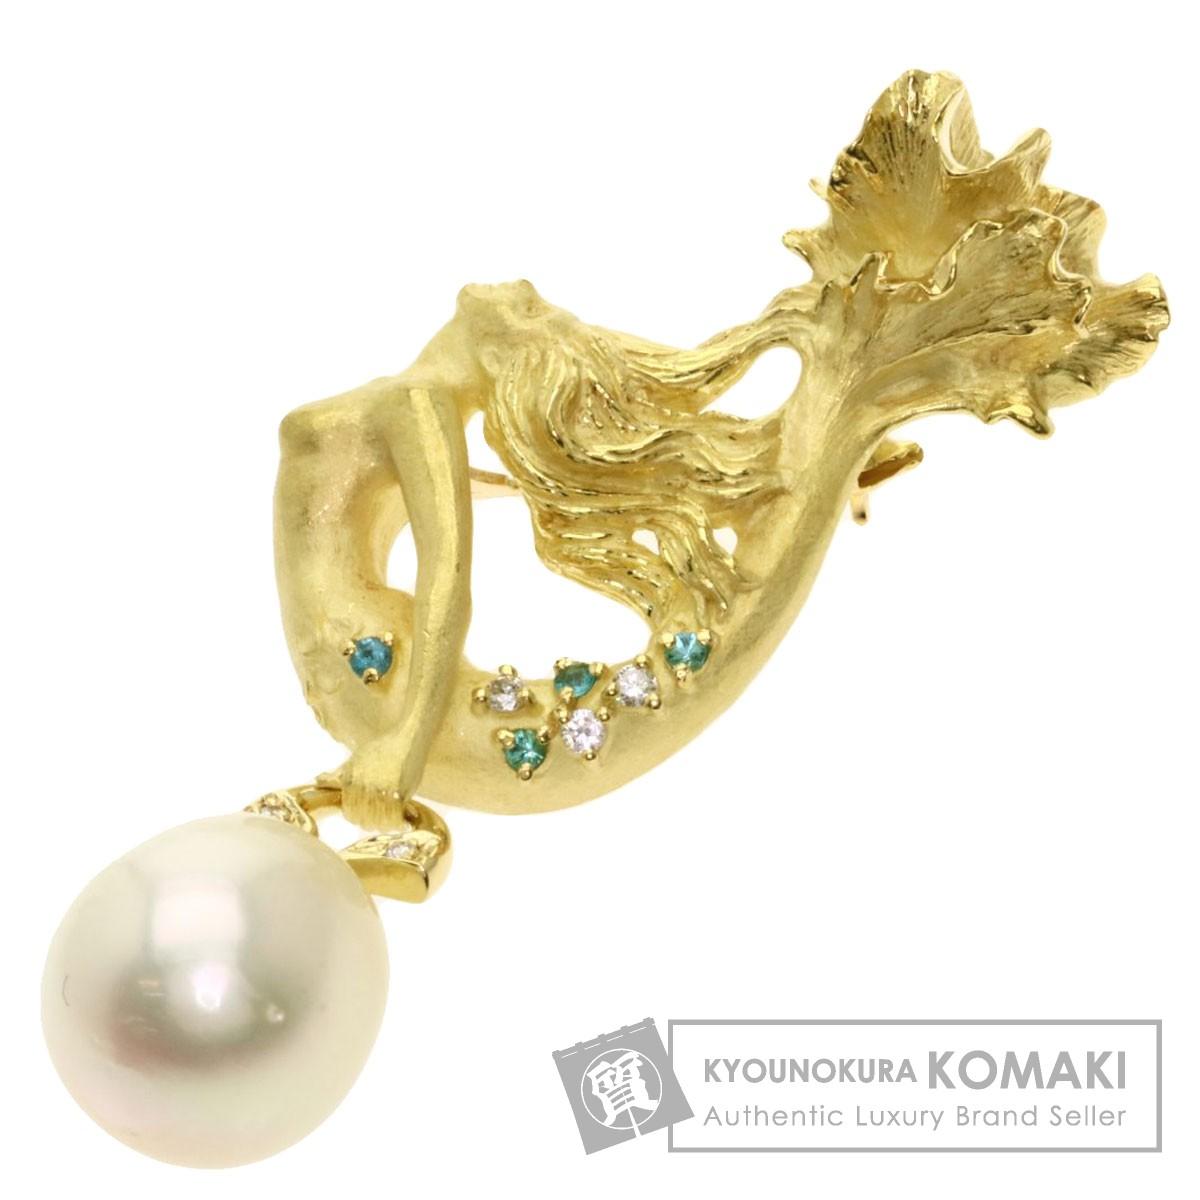 白蝶パール 真珠 ダイヤモンド トルマリン ブローチ K18イエローゴールド 16.8g レディース 【中古】